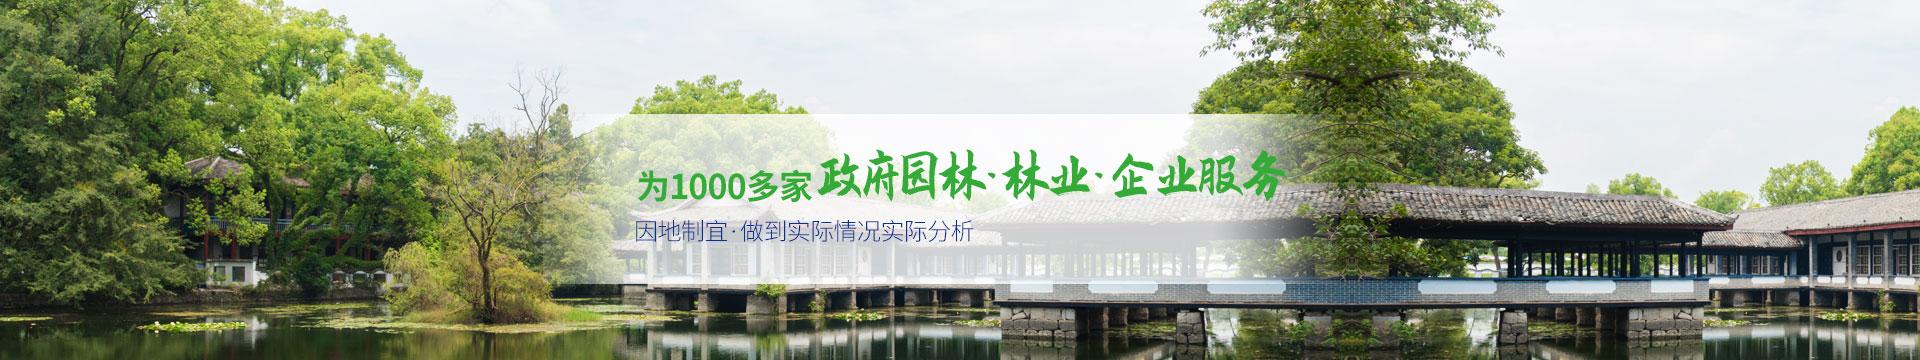 碧然美-為1000多家政府園林,林業,企業服務